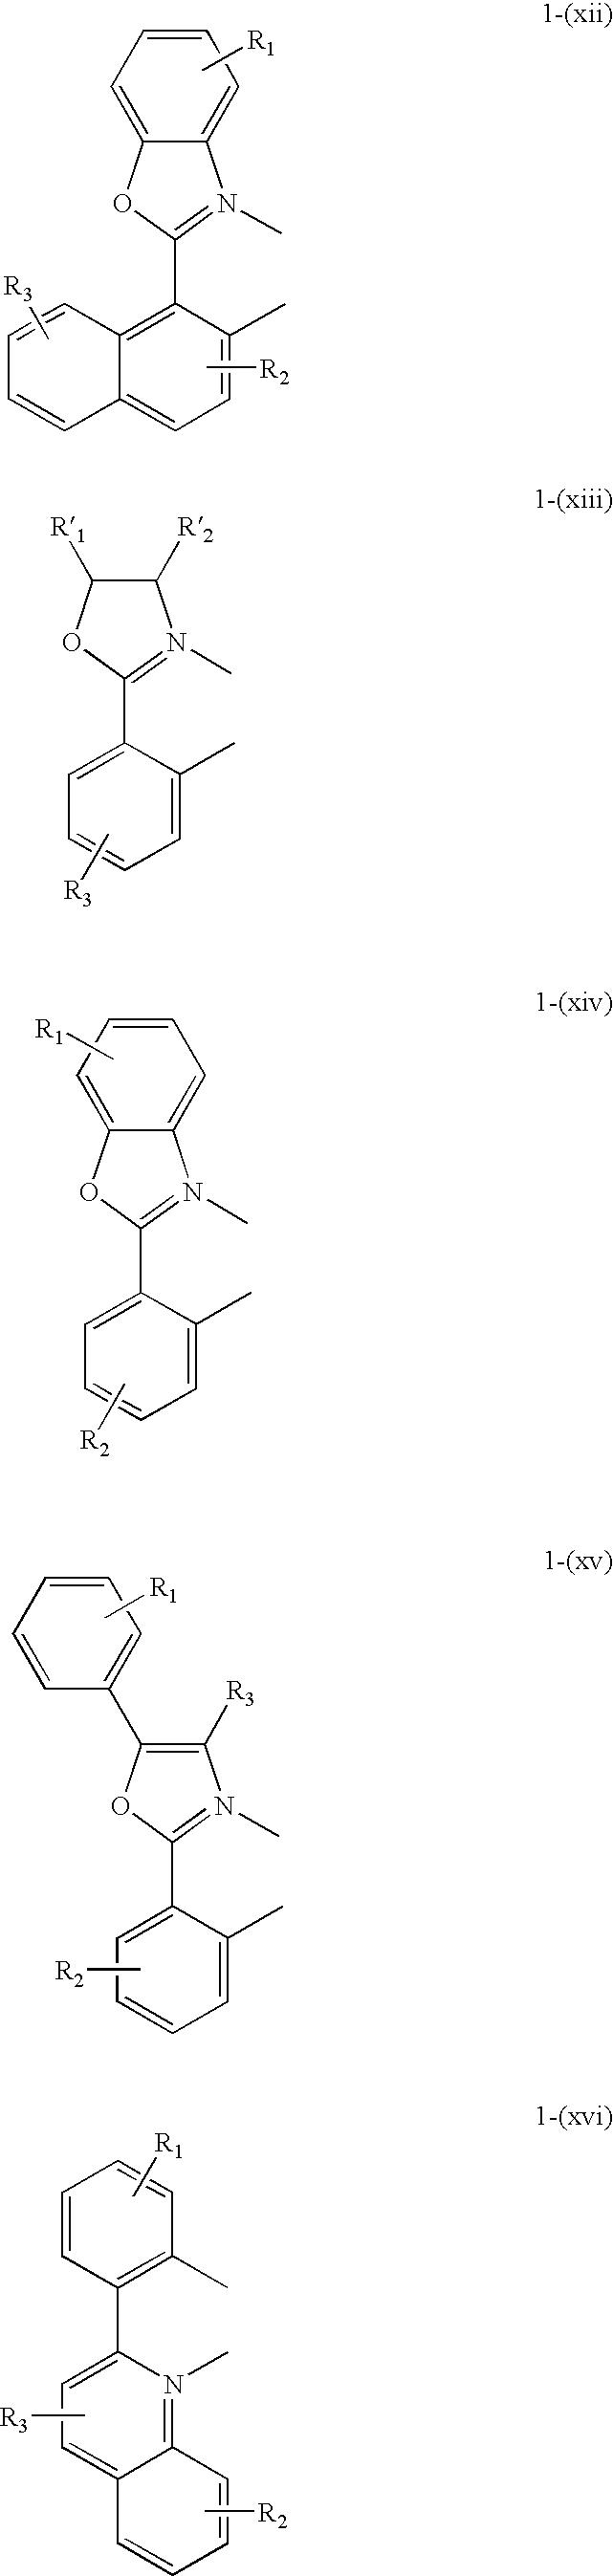 Figure US20060177695A1-20060810-C00007